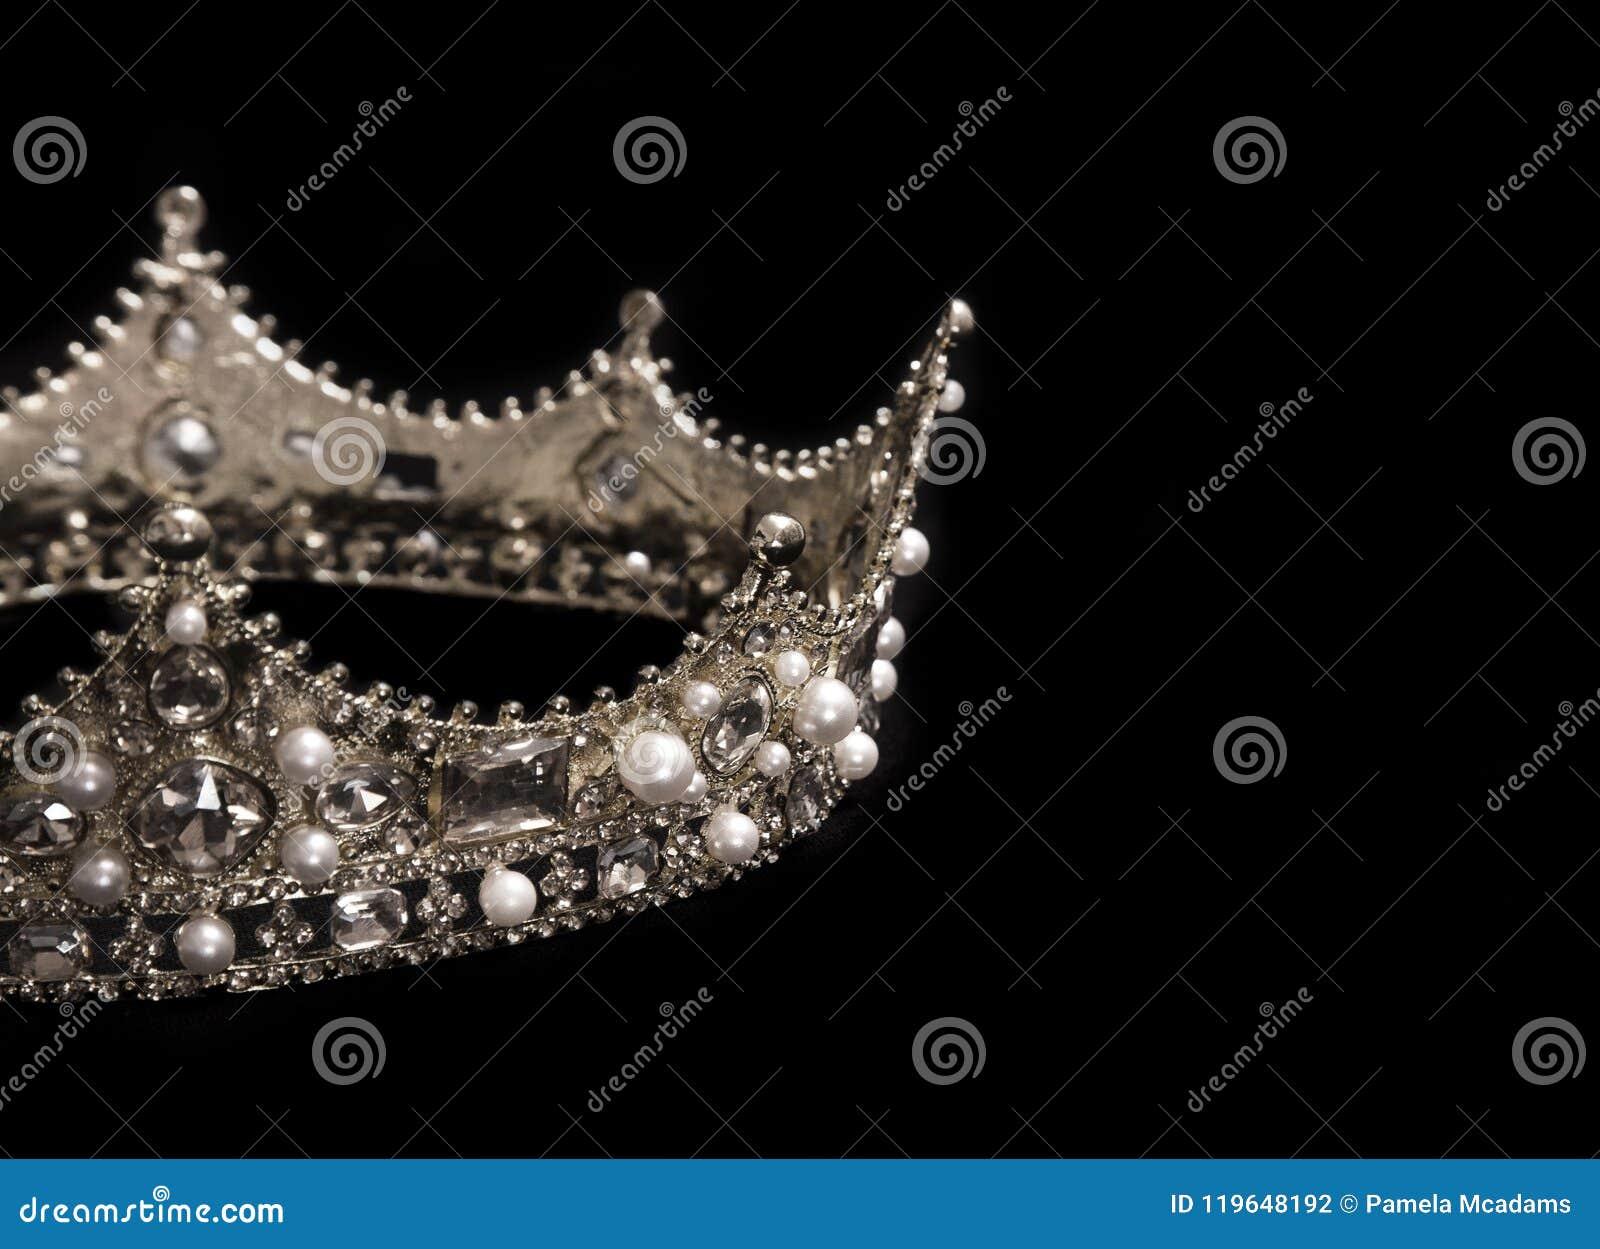 Ένας βασιλιάς ή βασίλισσες Crown